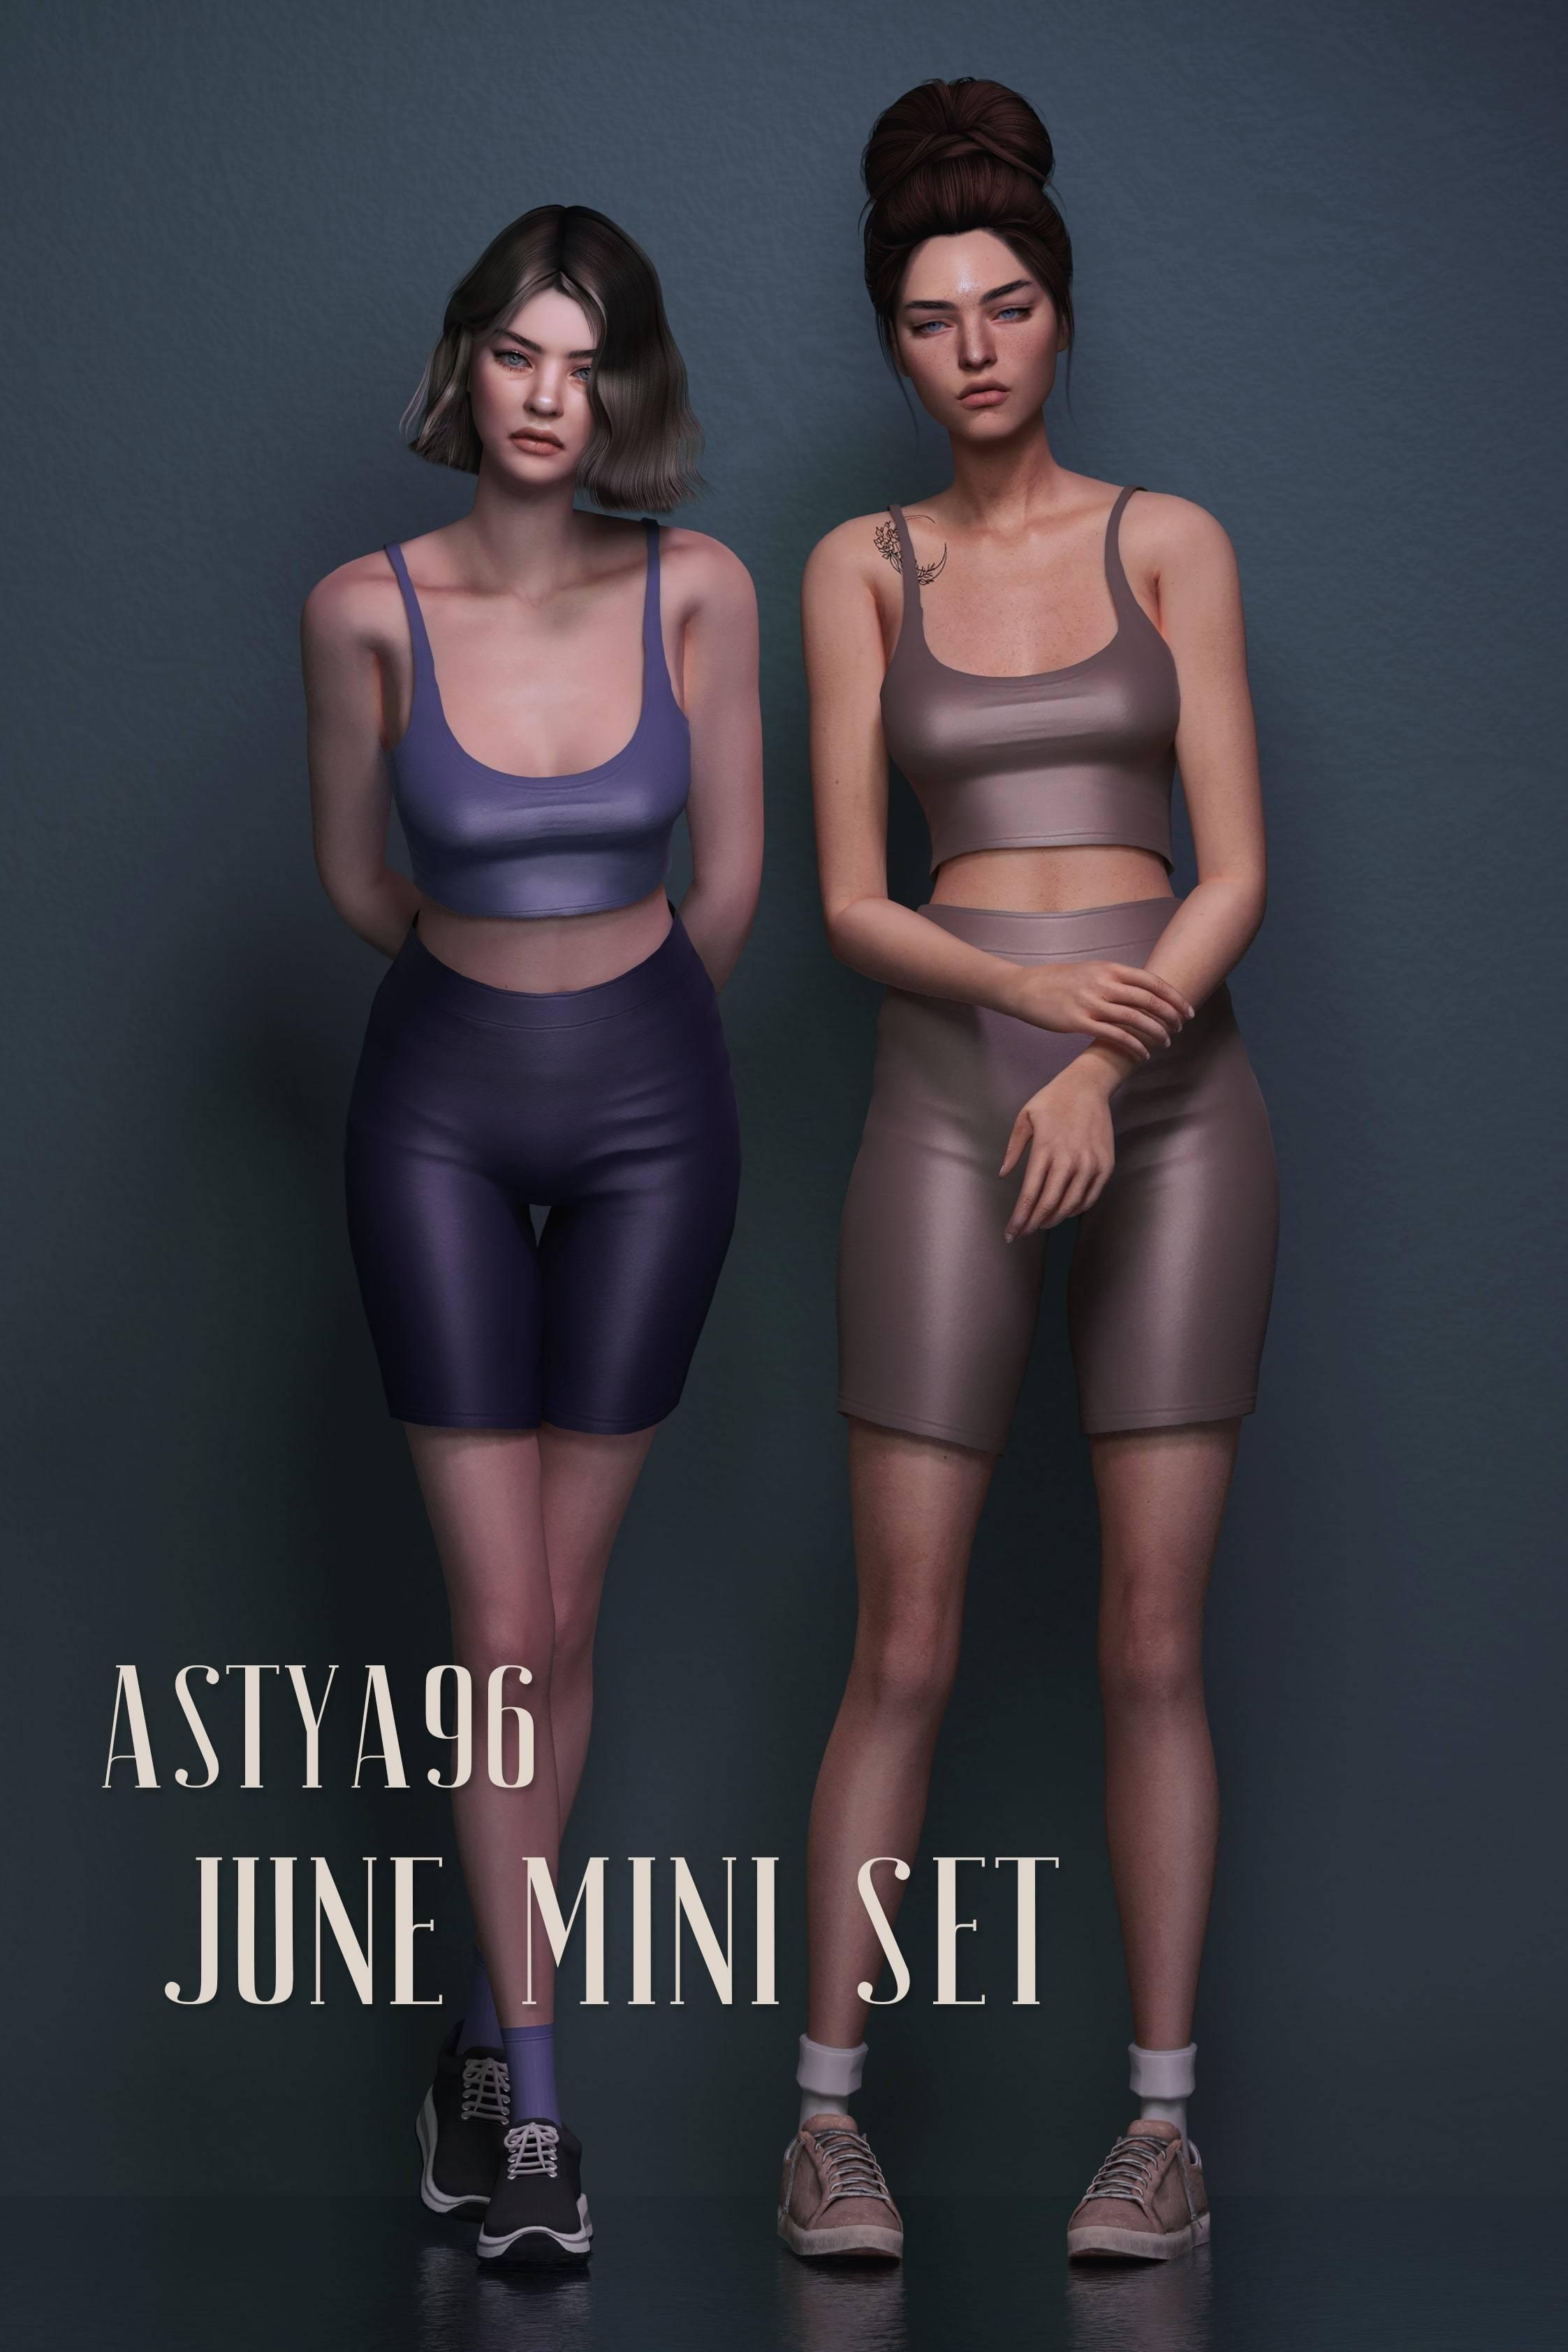 Женский спортивный комплект - June Mini Set